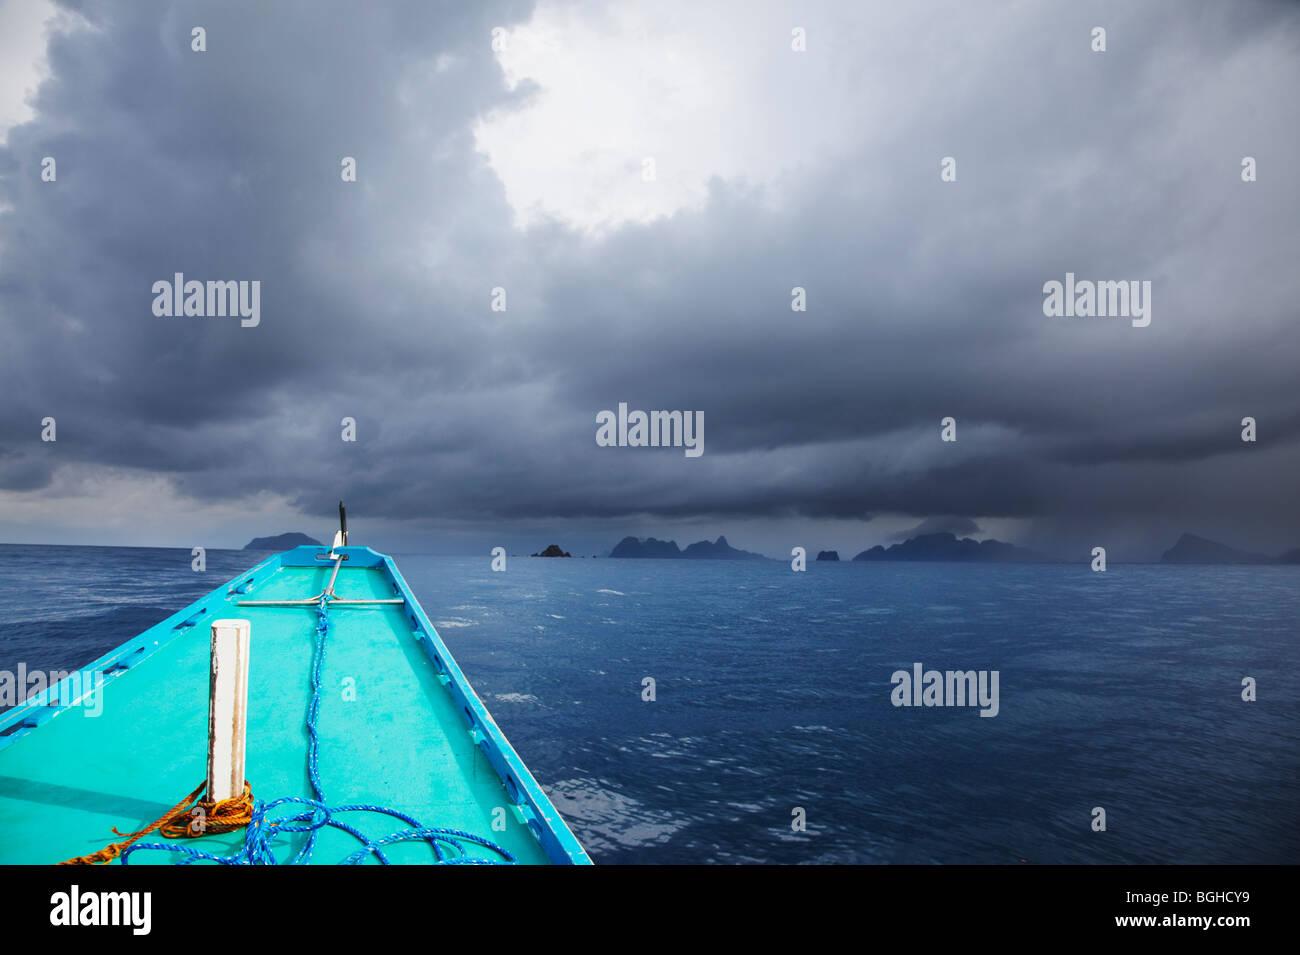 Banca barco rumbo a Stormy weather, Palawan, Filipinas. Imagen De Stock